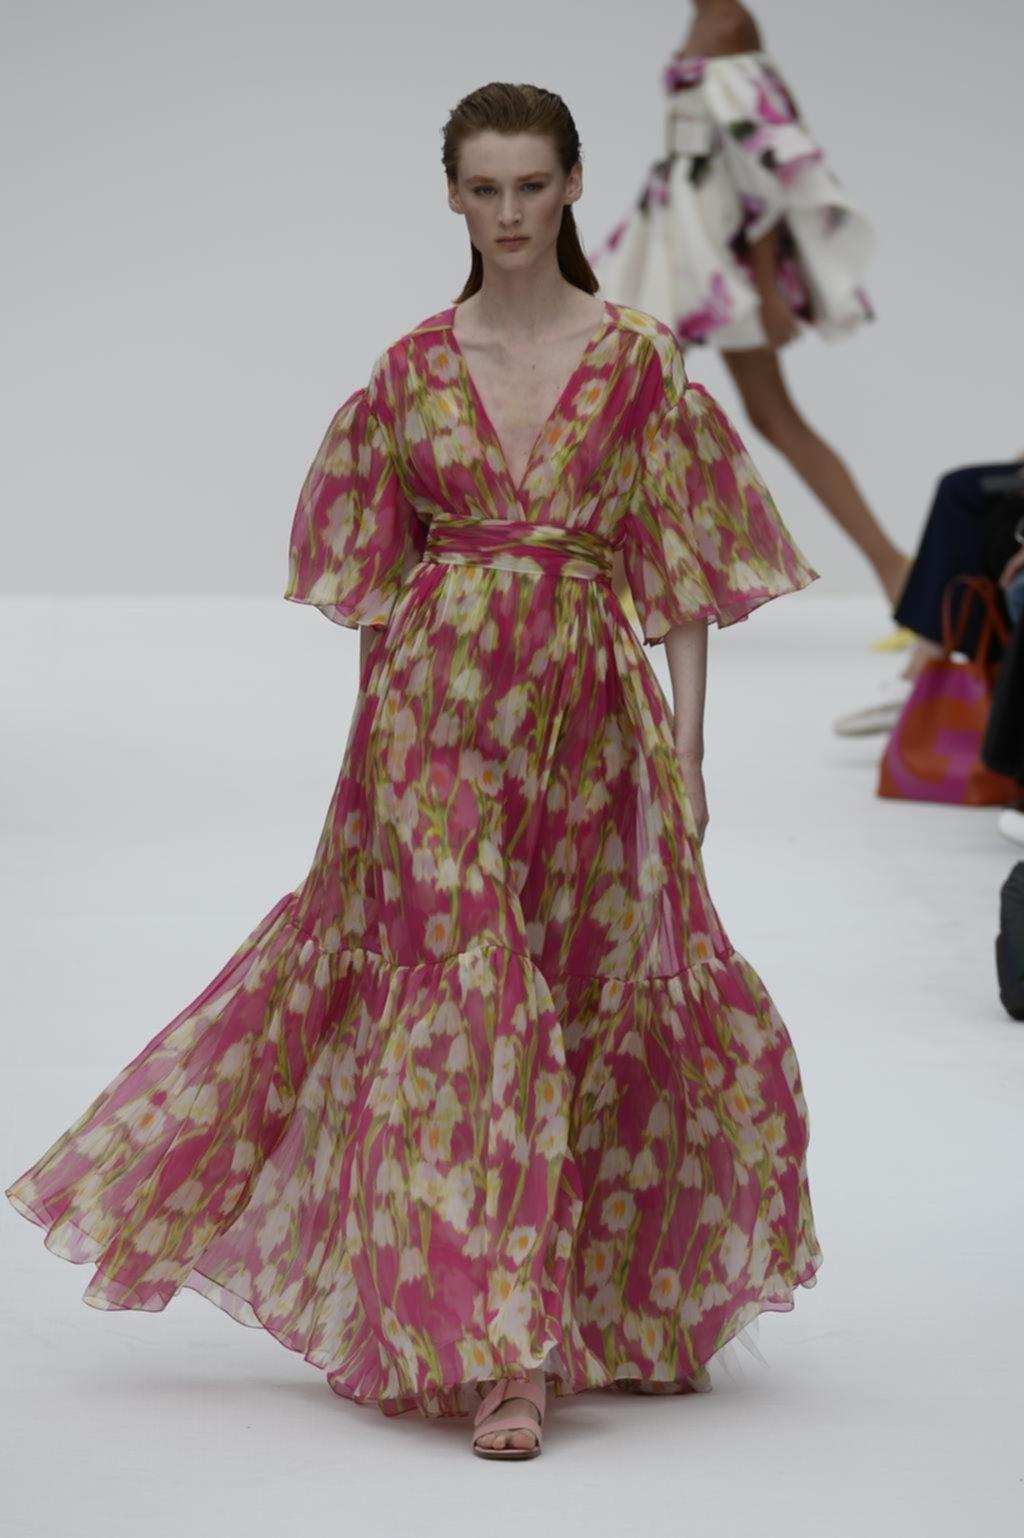 Música, sensualidad y novedades en la Semana de la Moda de Nueva York